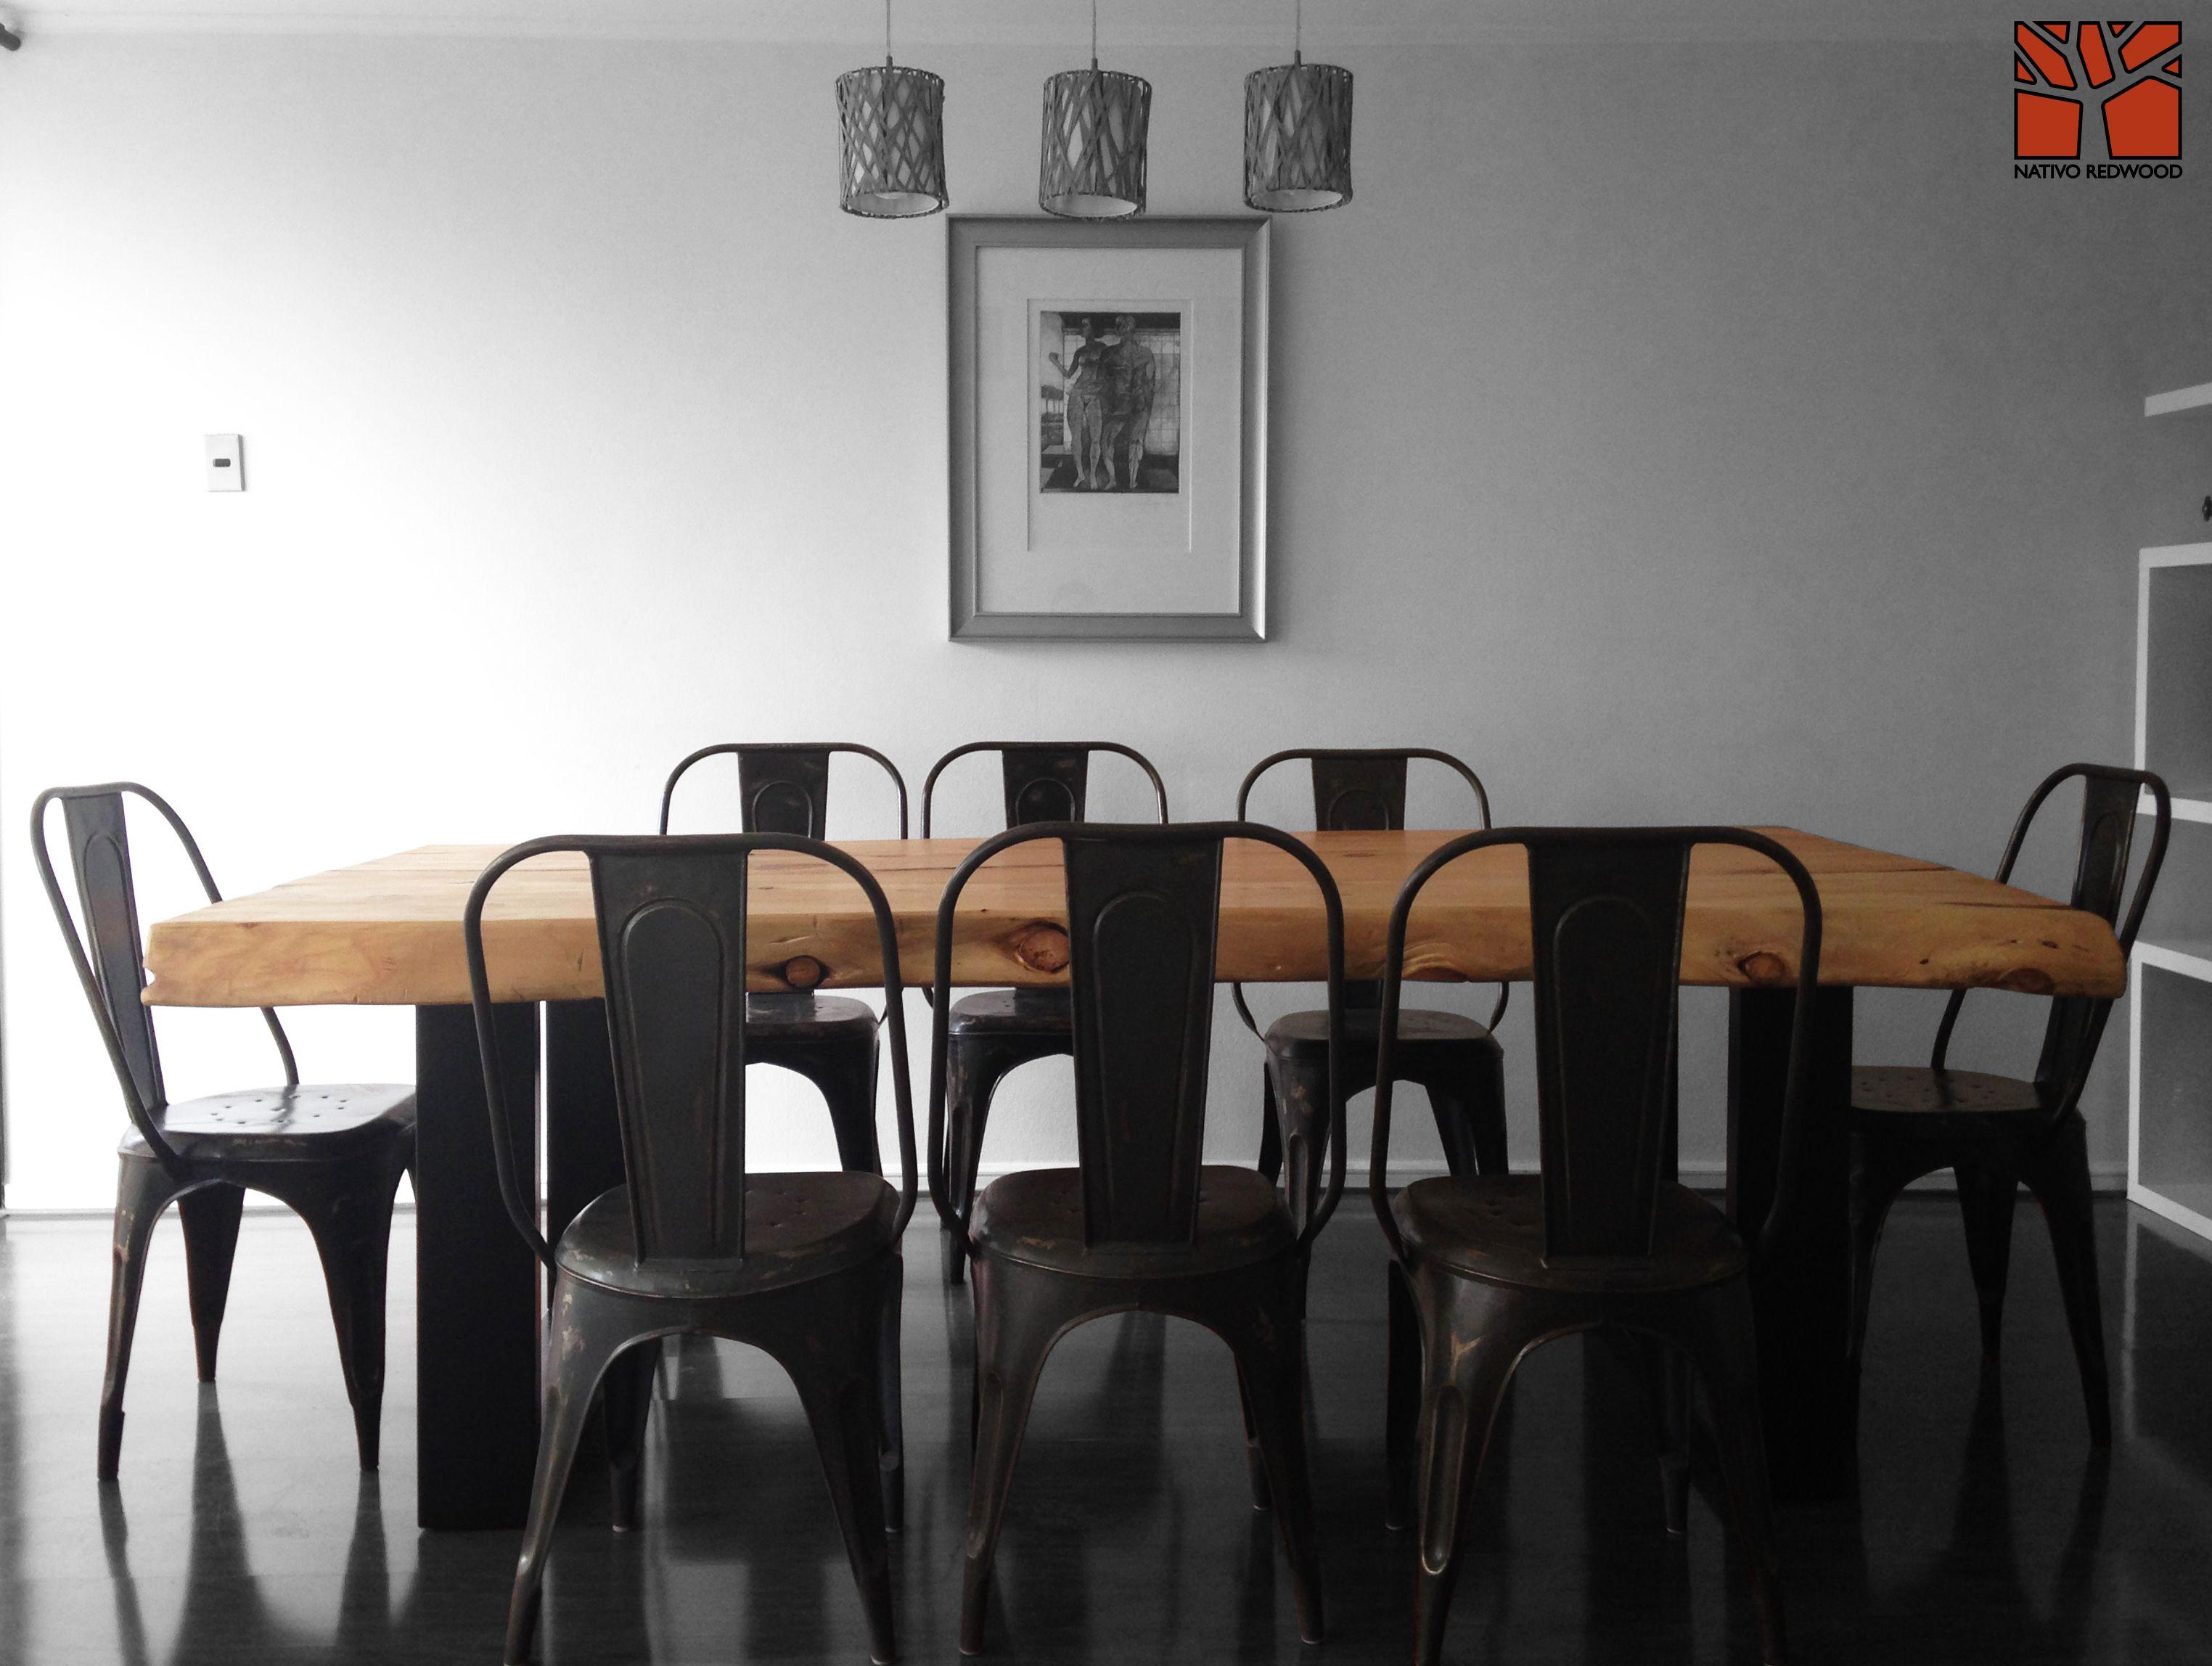 Nativo Redwood. Mesa Comedor con Cubierta de madera de Cipres 1.20x2.40x4'' con base de fierro forjado. A pedido en nuestra sucursal Nativo Red Wood Barrio Italia. Direccion: Av. Italia 1334, local 2, Galeria Casa Mestiza, Providencia. Fono: + 56 9 62277920 www.facebook.com/nativoredwoodsa